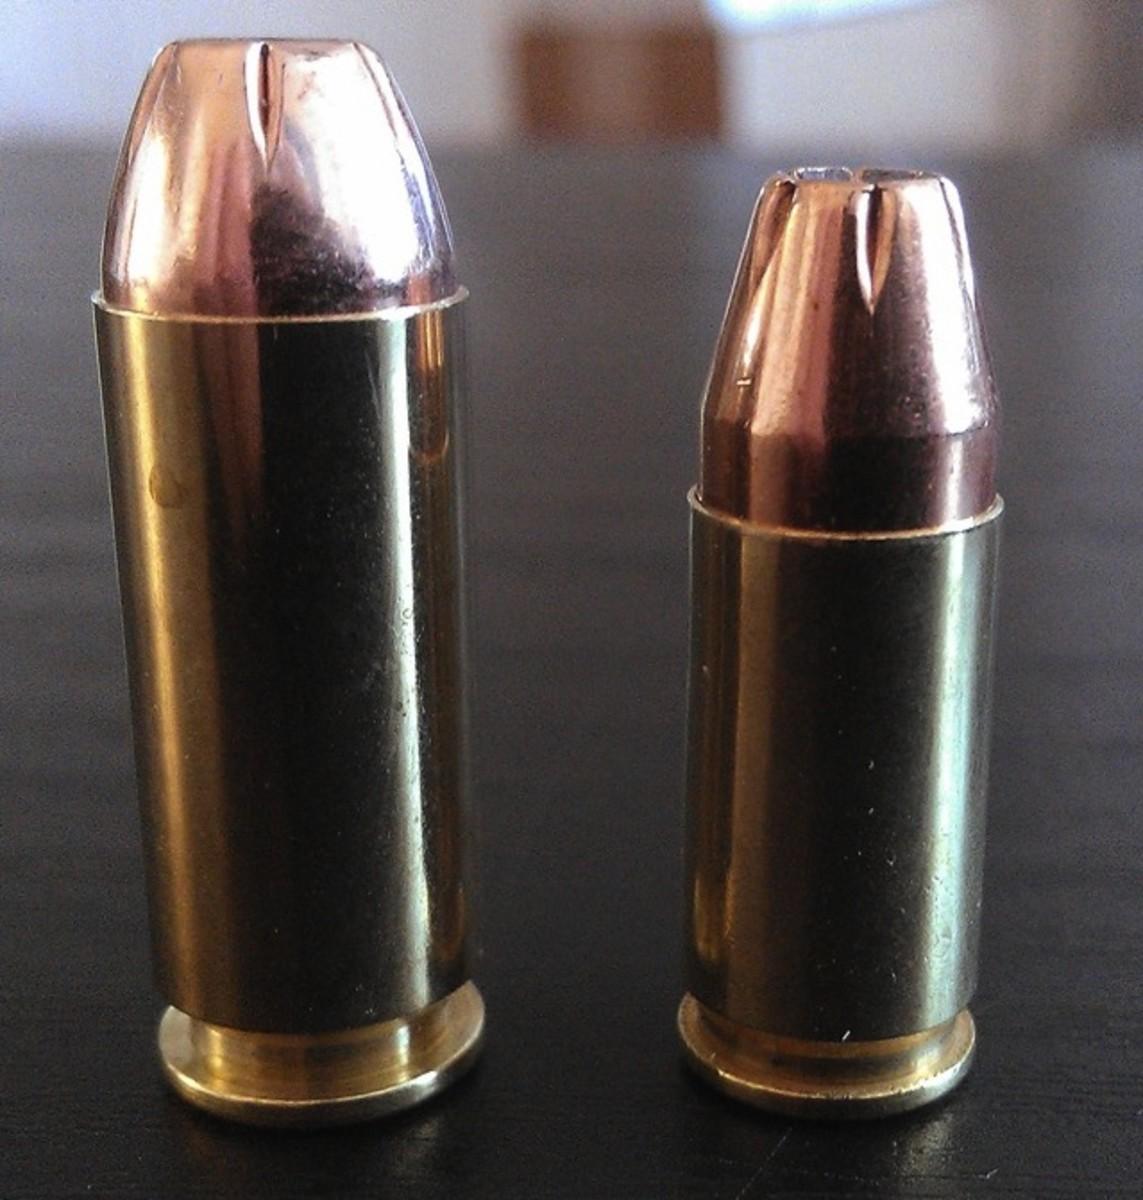 10mm Auto (left) vs. 9mm Parabellum